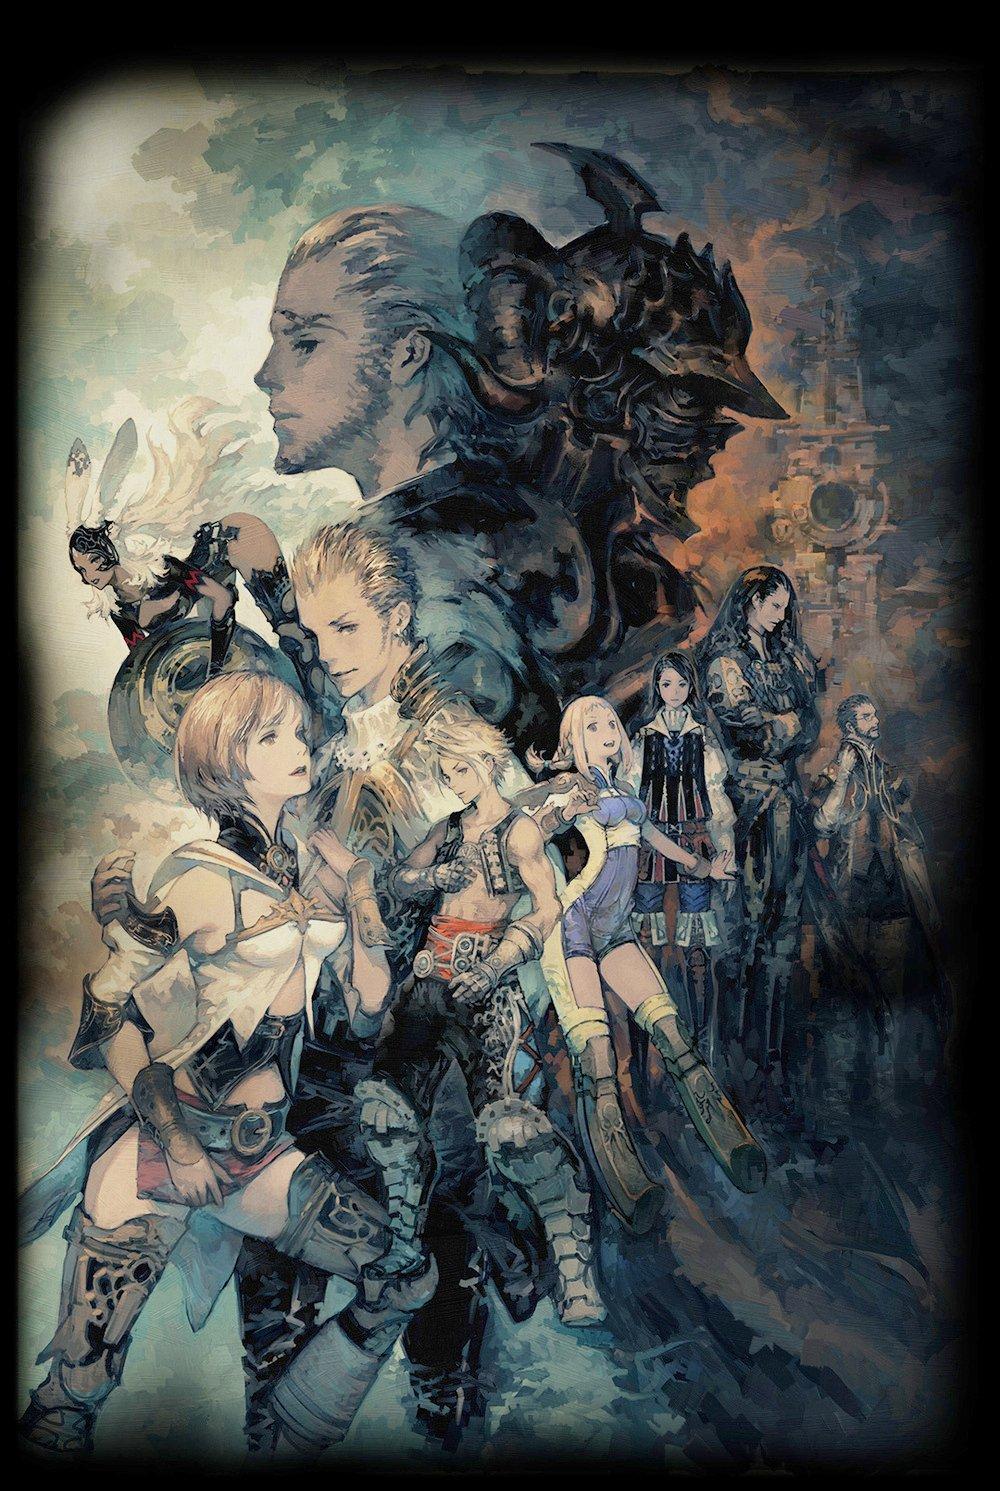 Рецензия на Final Fantasy XII: The Zodiac Age. Обзор игры - Изображение 9